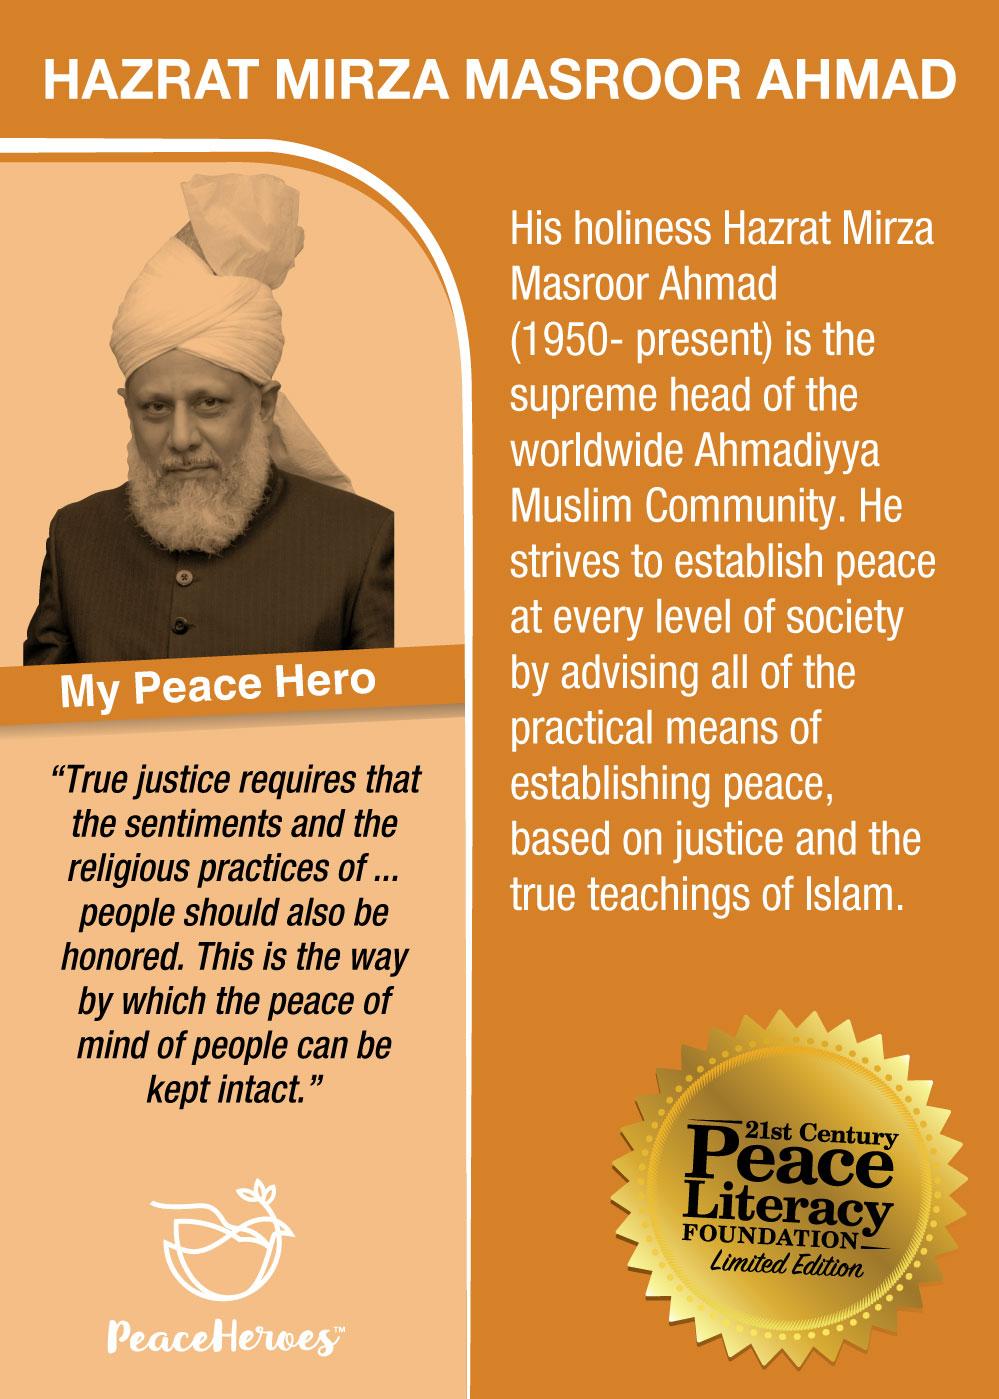 AhmadHazratMirzaMasroor.jpg